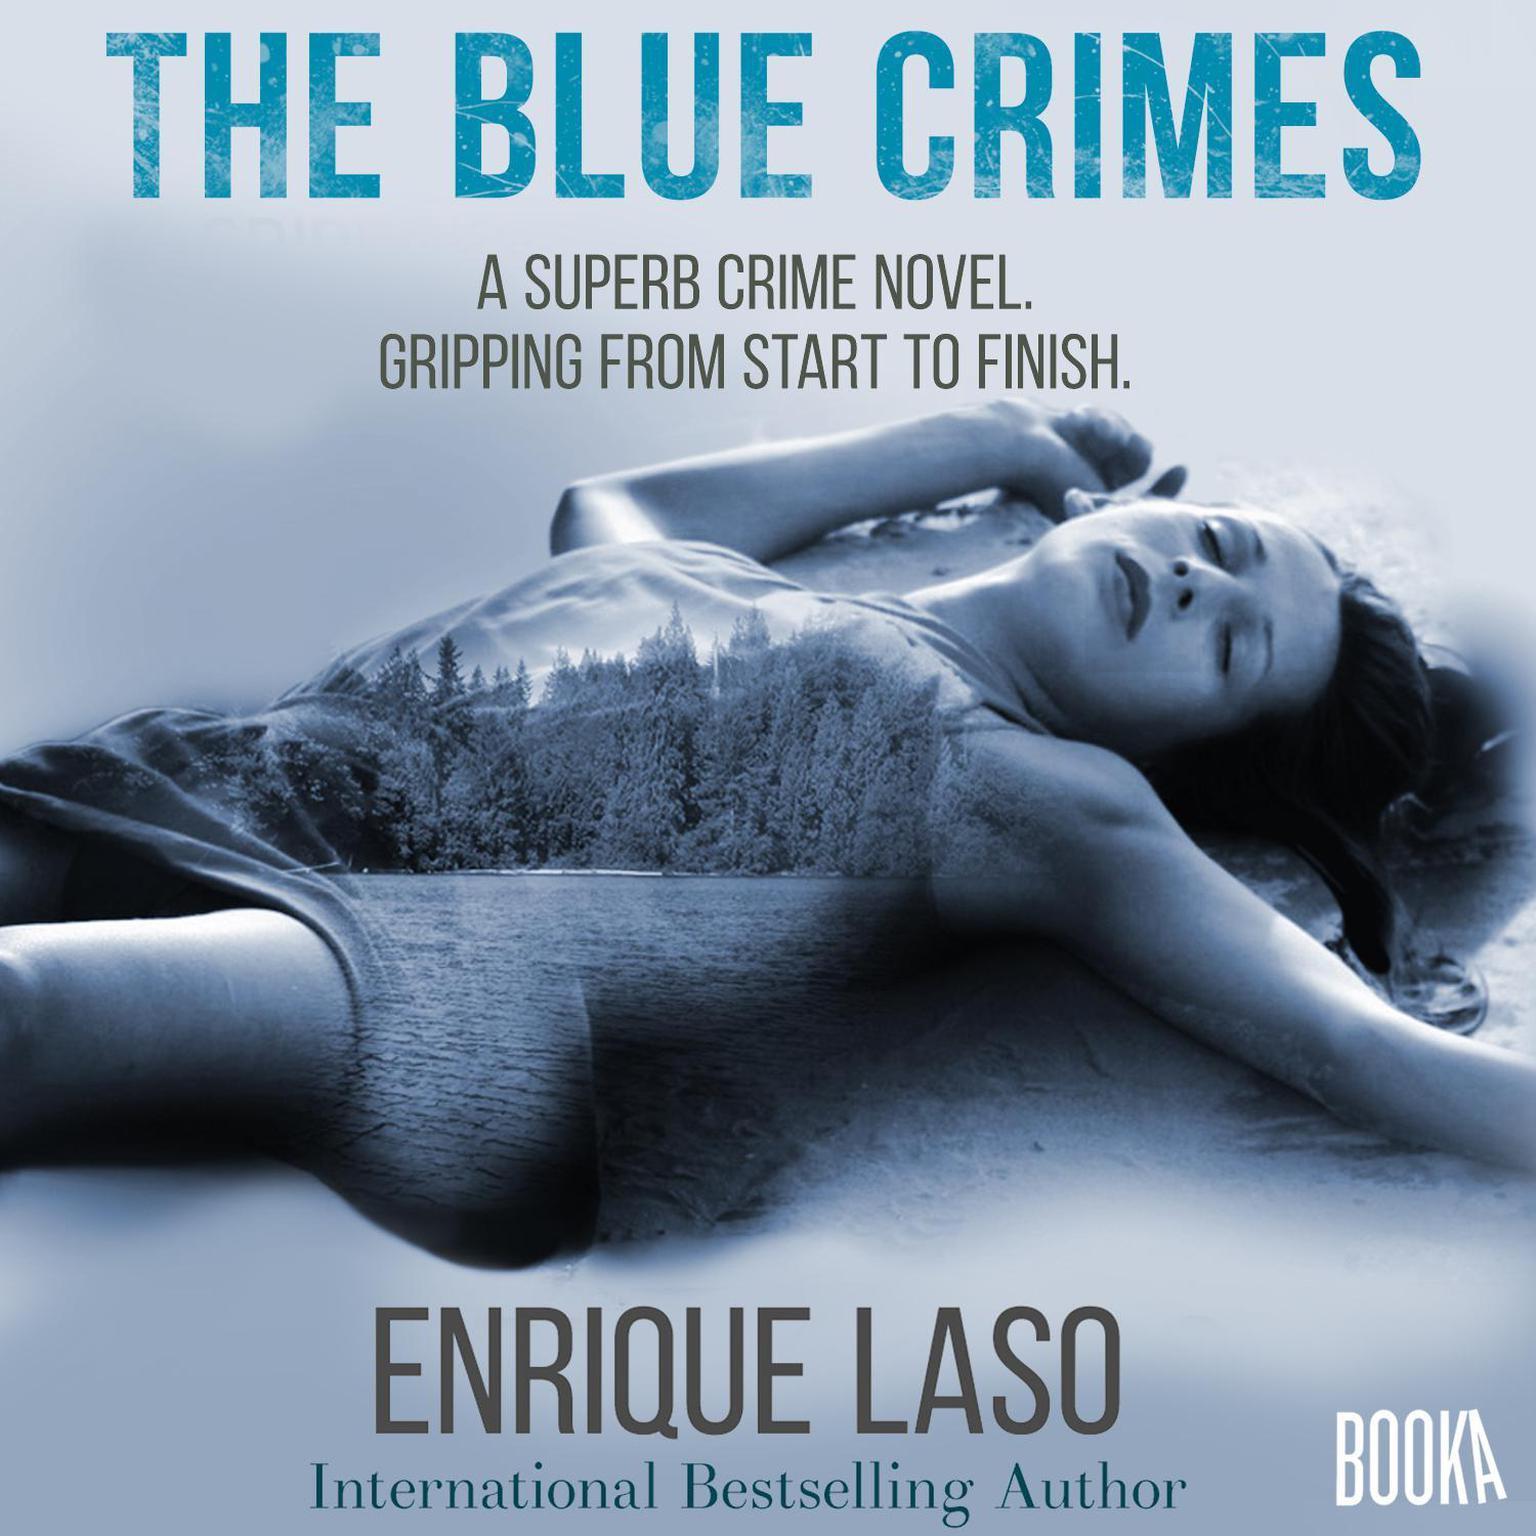 Los CRÍMENES AZULES (The BLUE CRIMES) Audiobook, by Enrique Laso